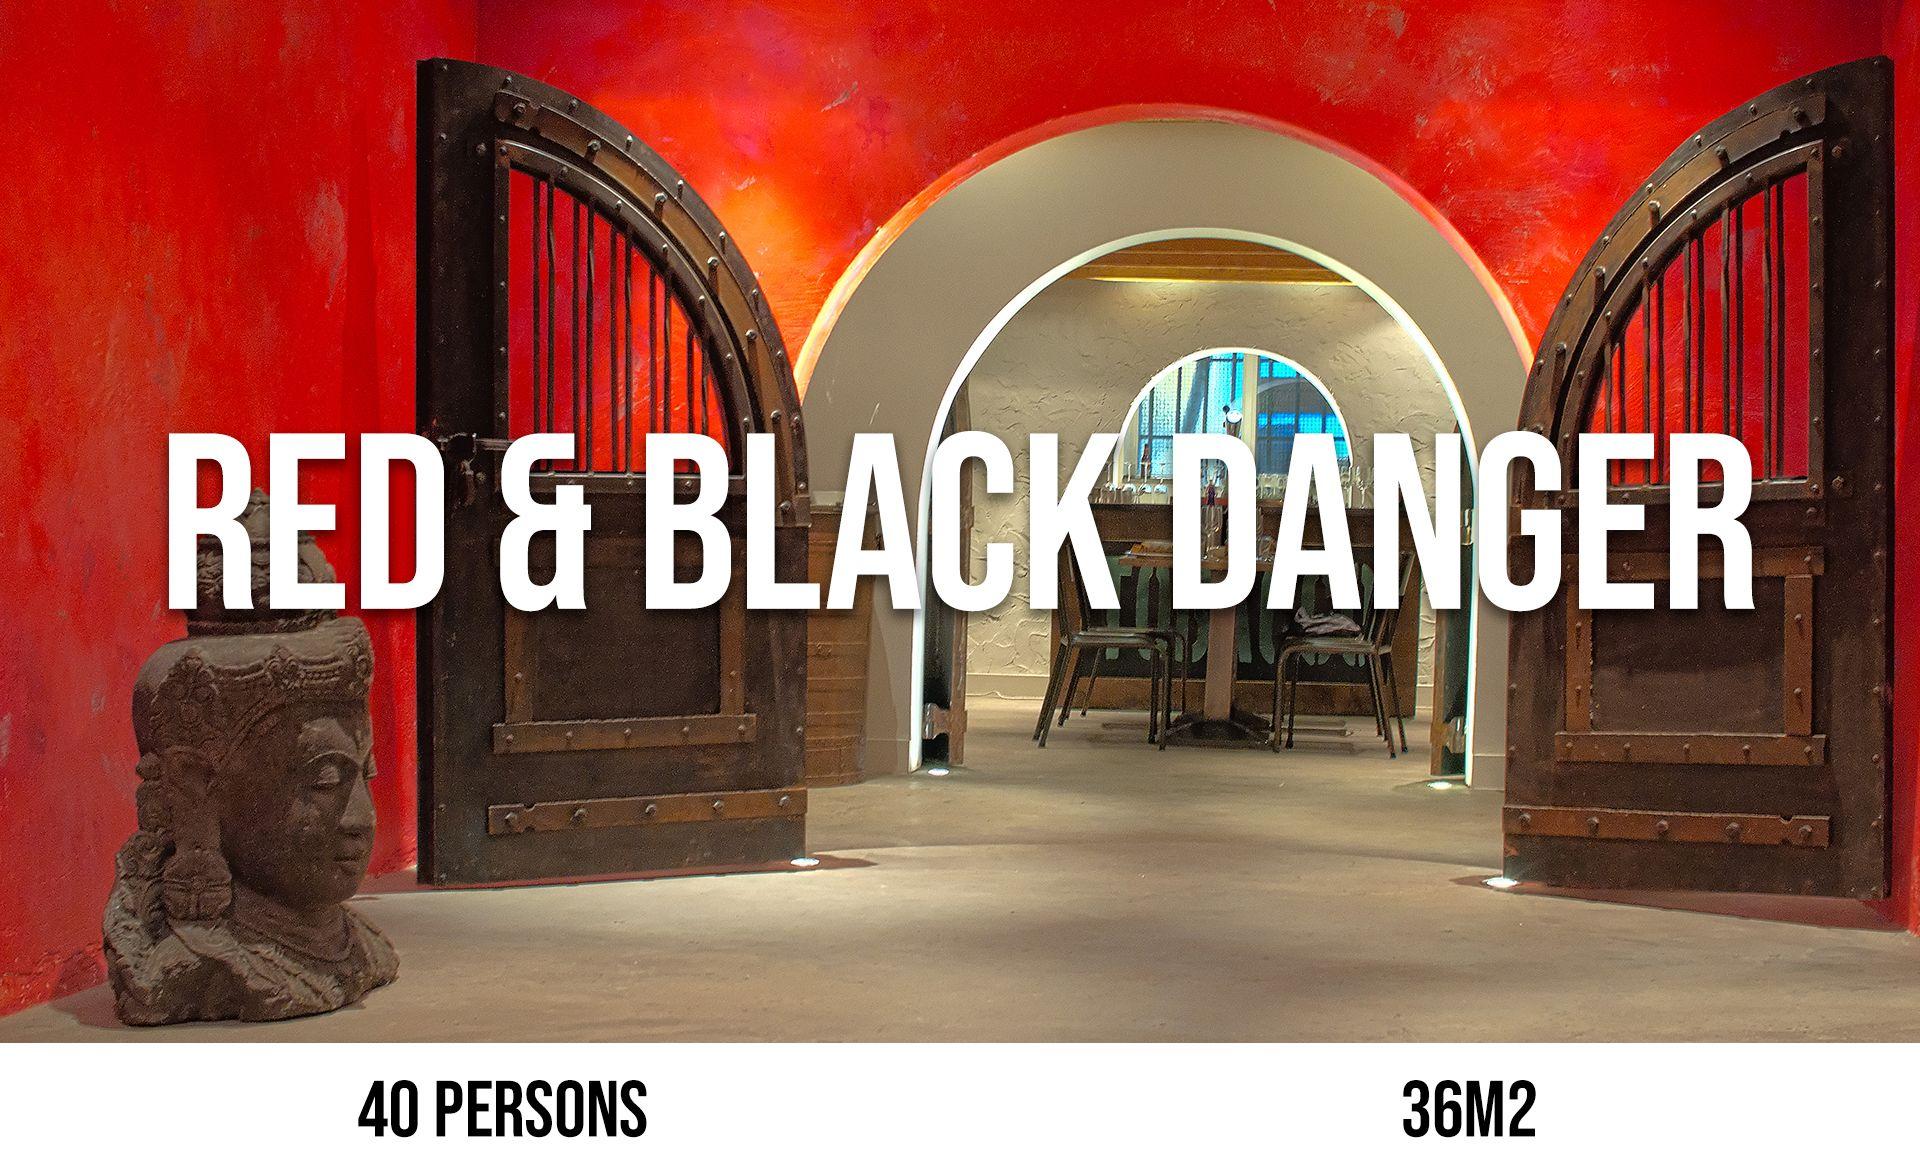 Red & Black Danger (maximum 40 persons, area 36 m²)